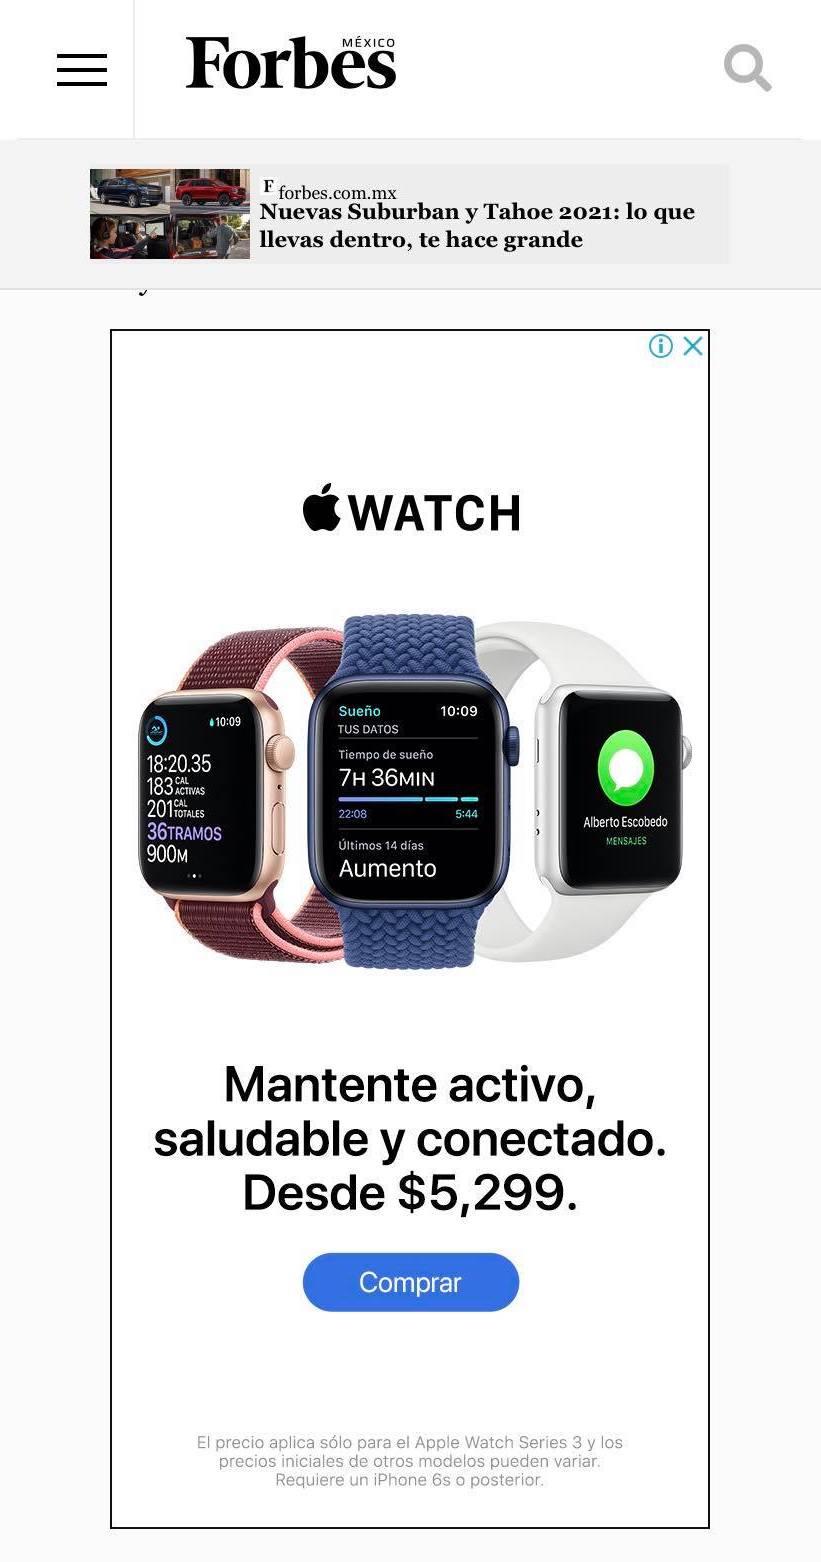 Ejemplo de banner mobile-friendly